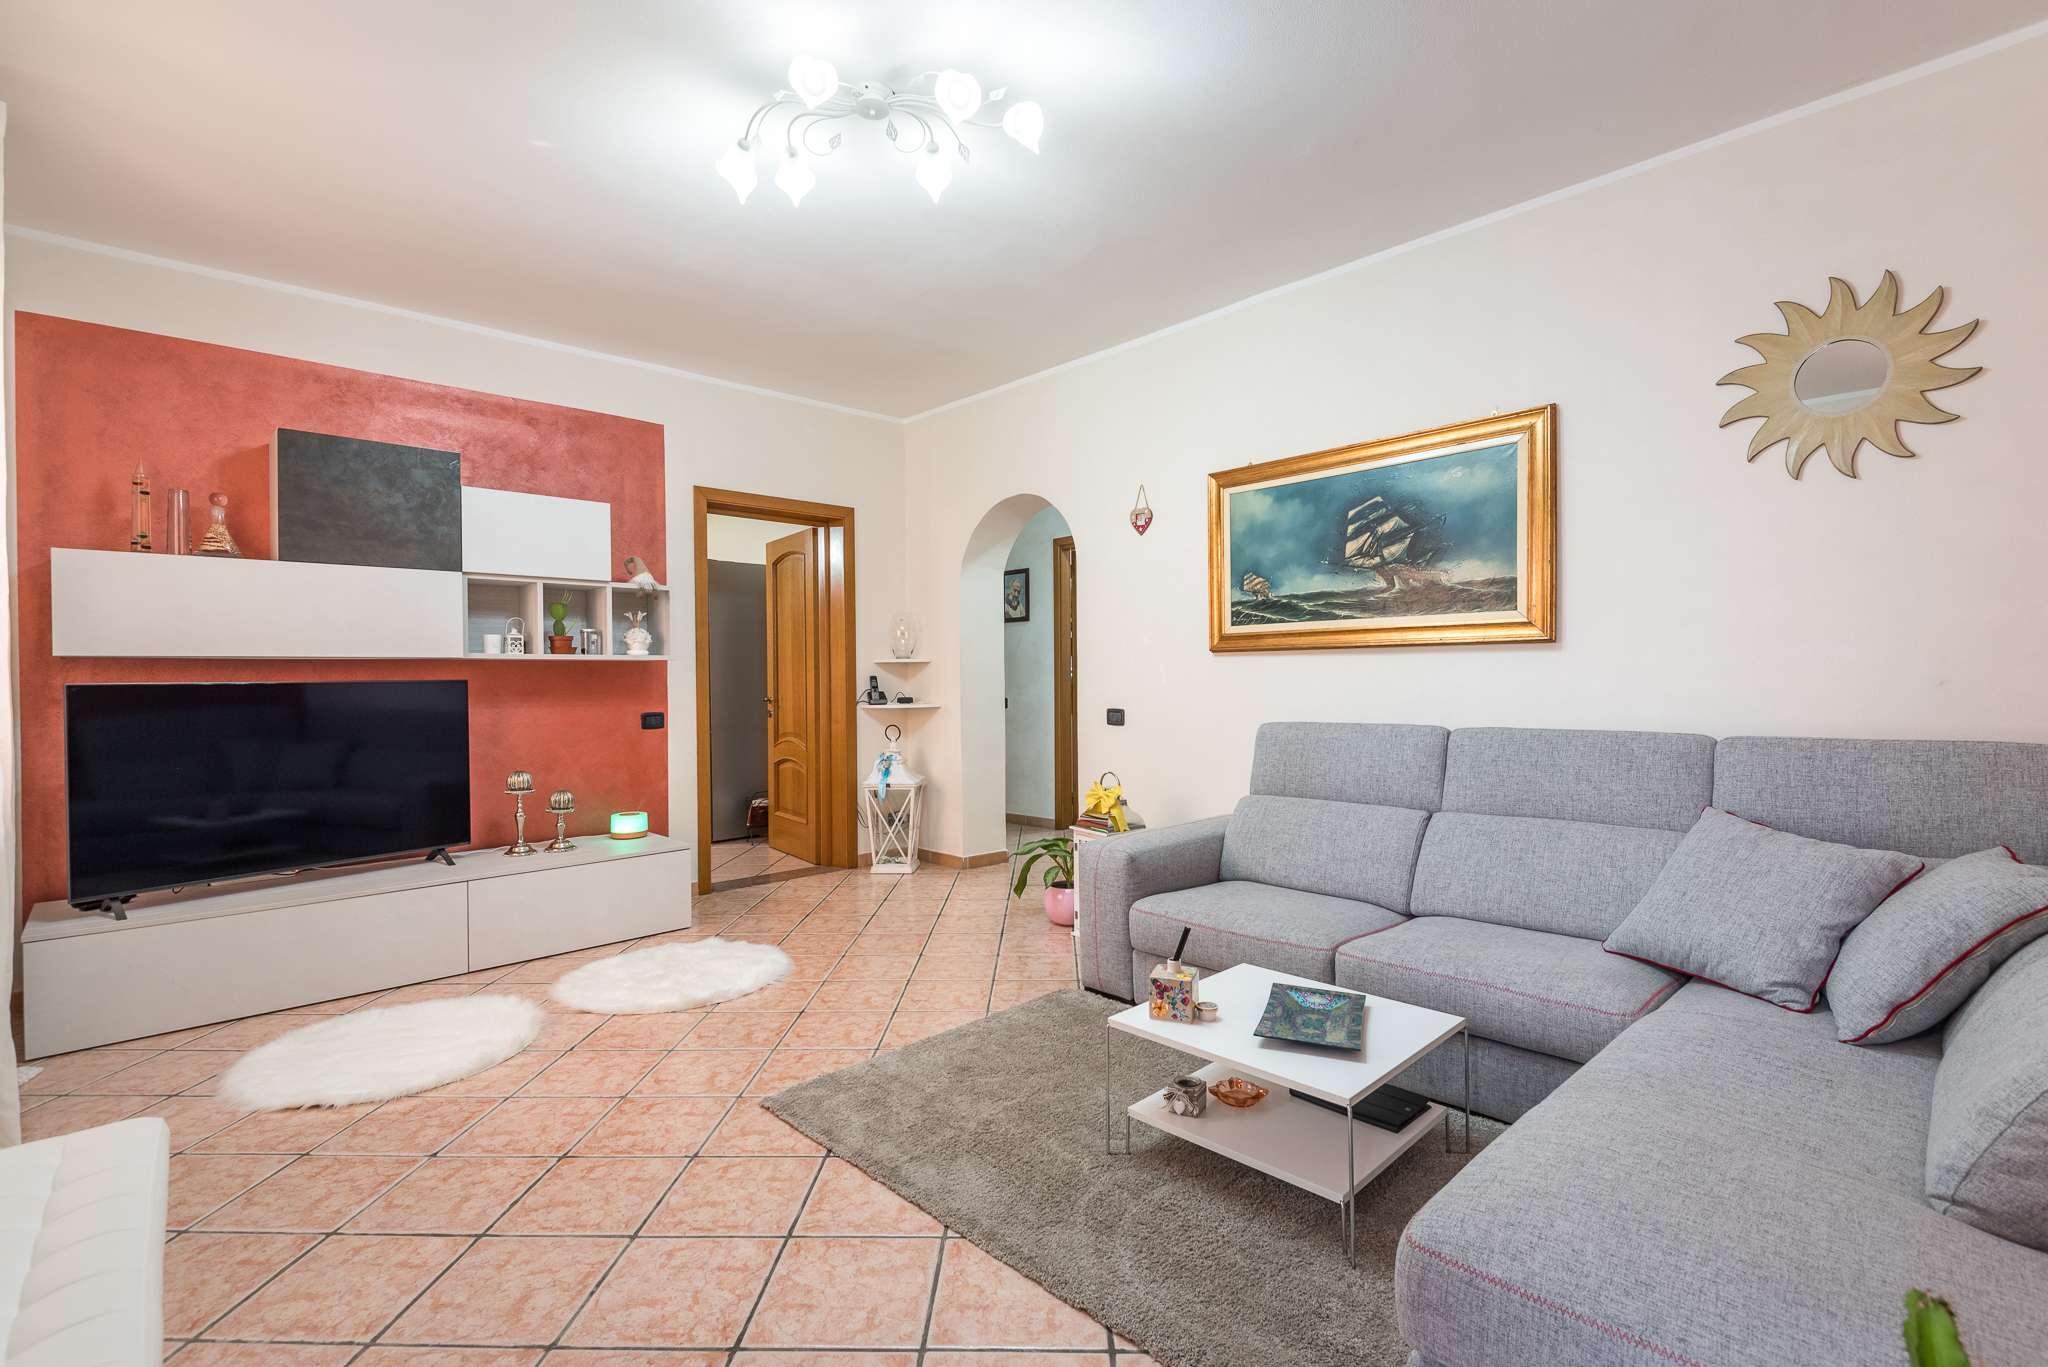 Appartamento in vendita a Boltiere, 4 locali, prezzo € 139.000 | PortaleAgenzieImmobiliari.it